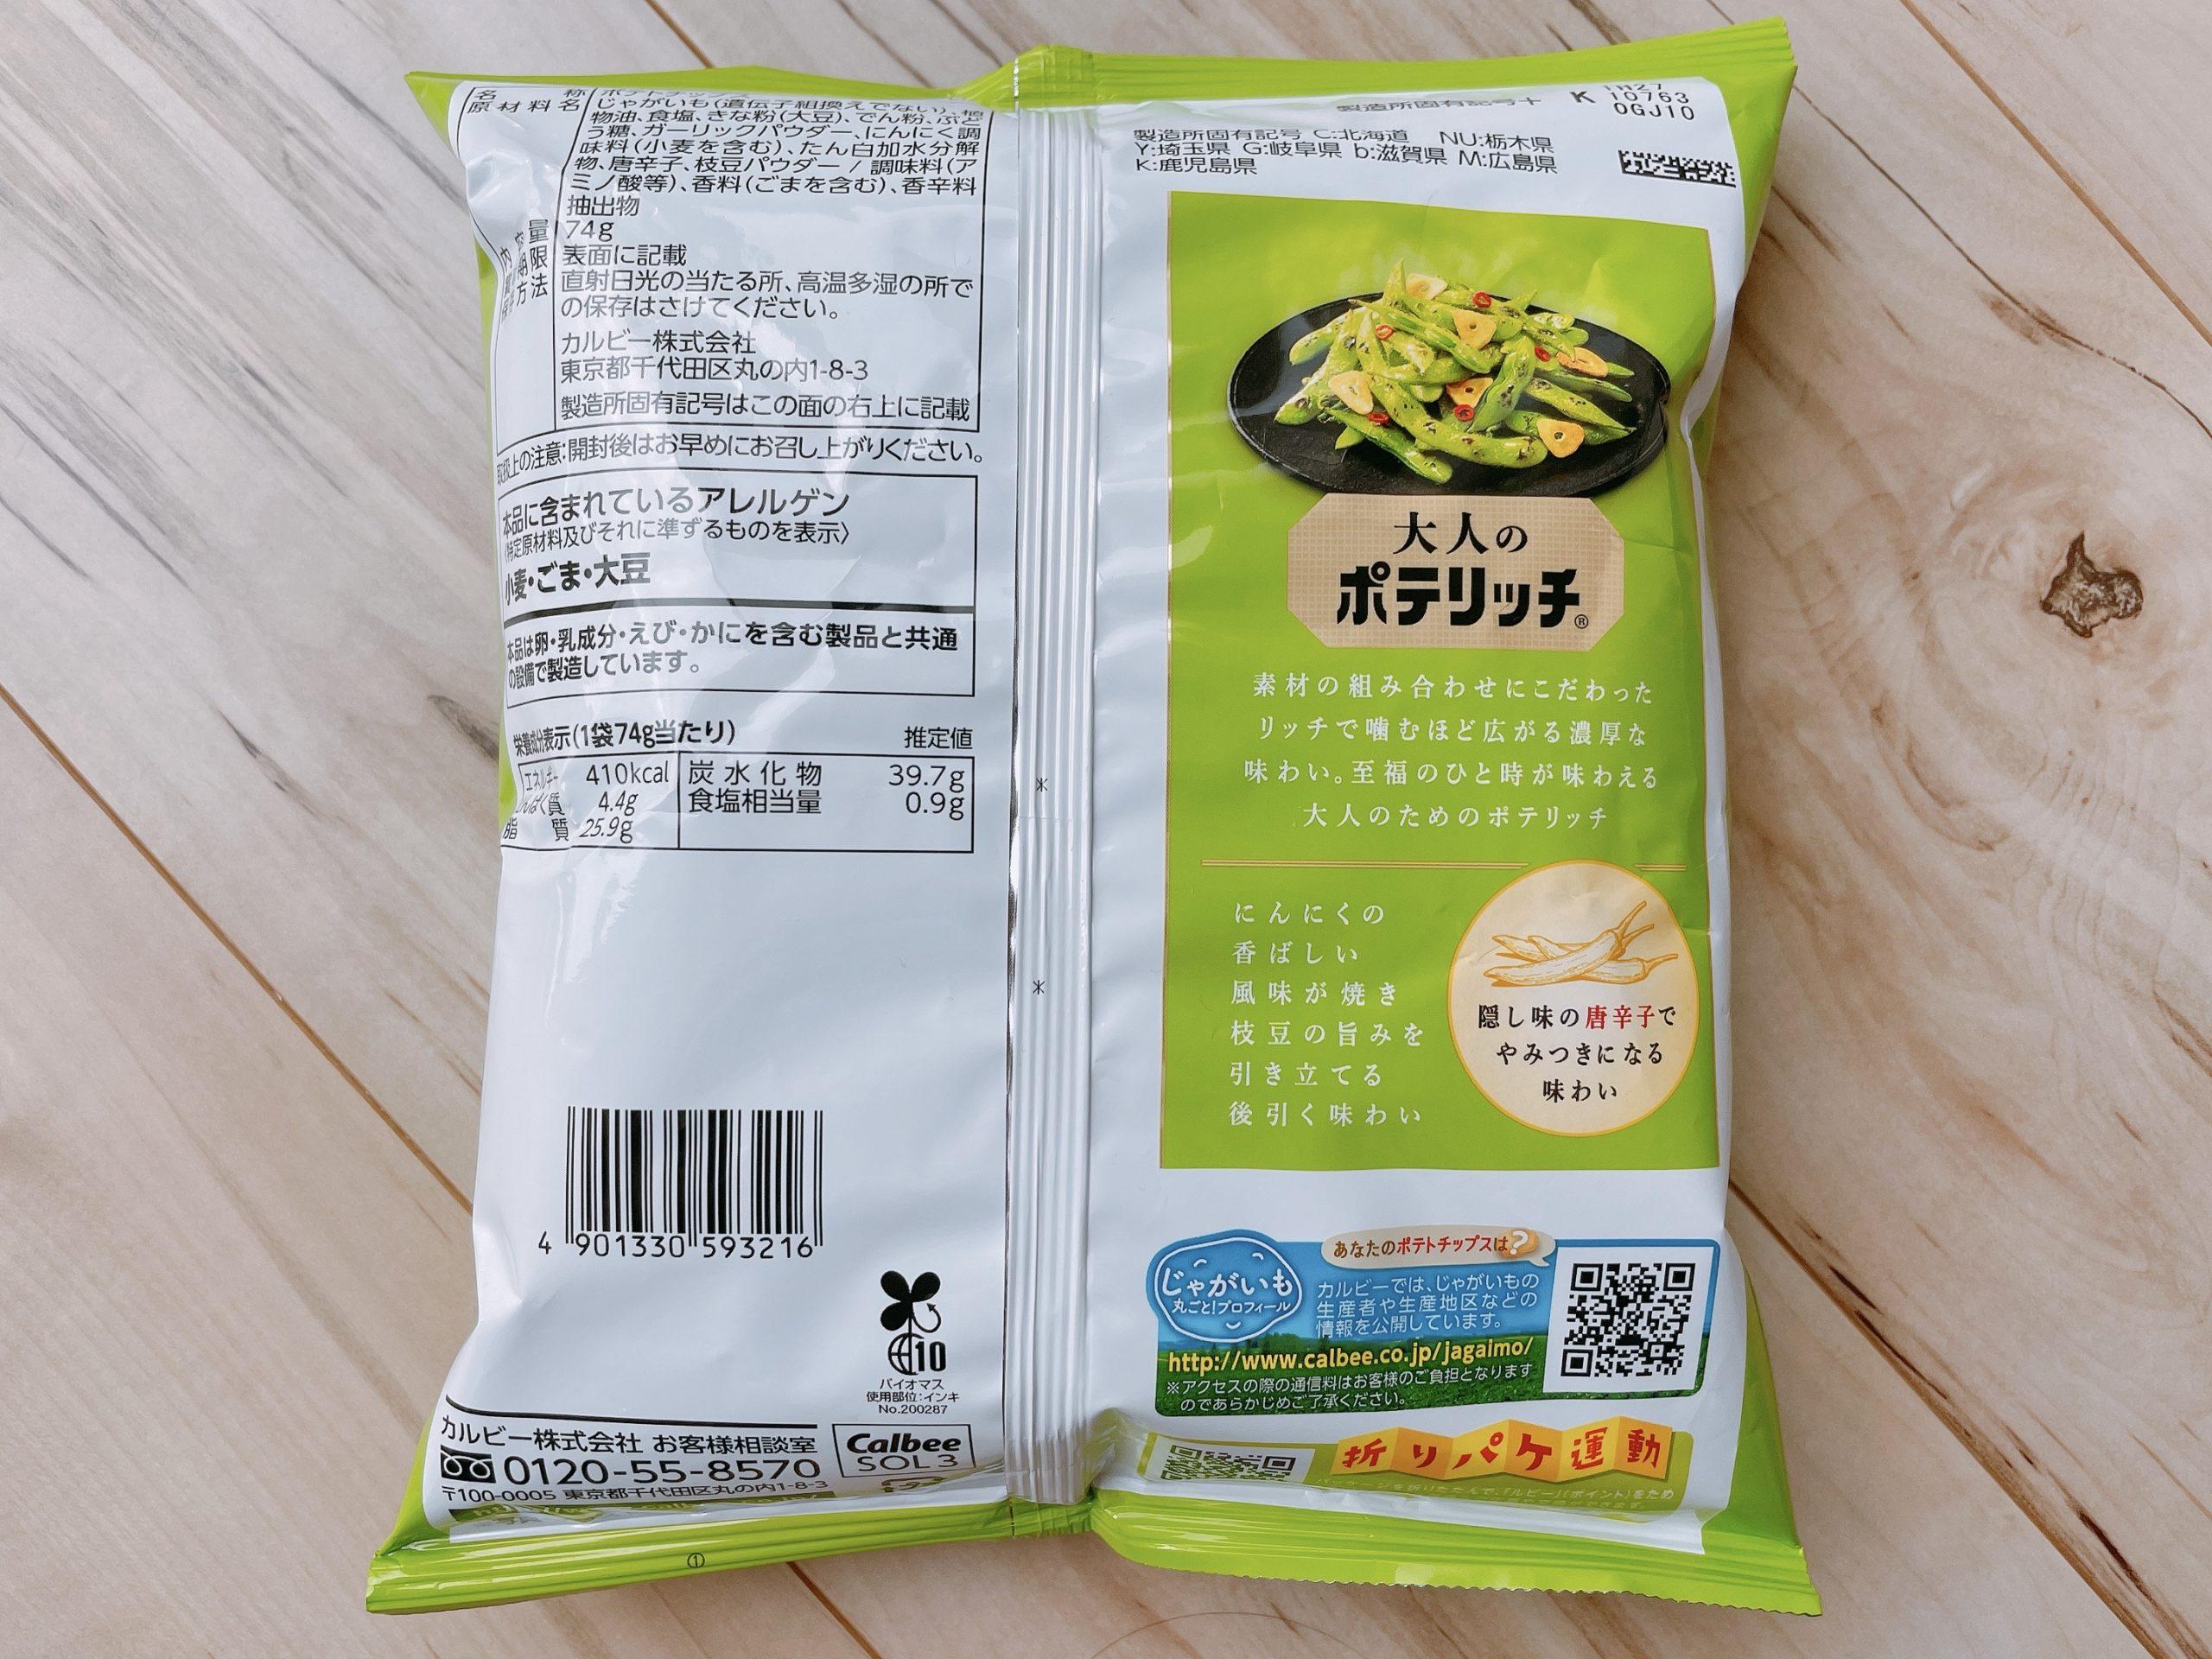 大人のポテリッチ<焼き枝豆ガーリック味>原材料やカロリーなど